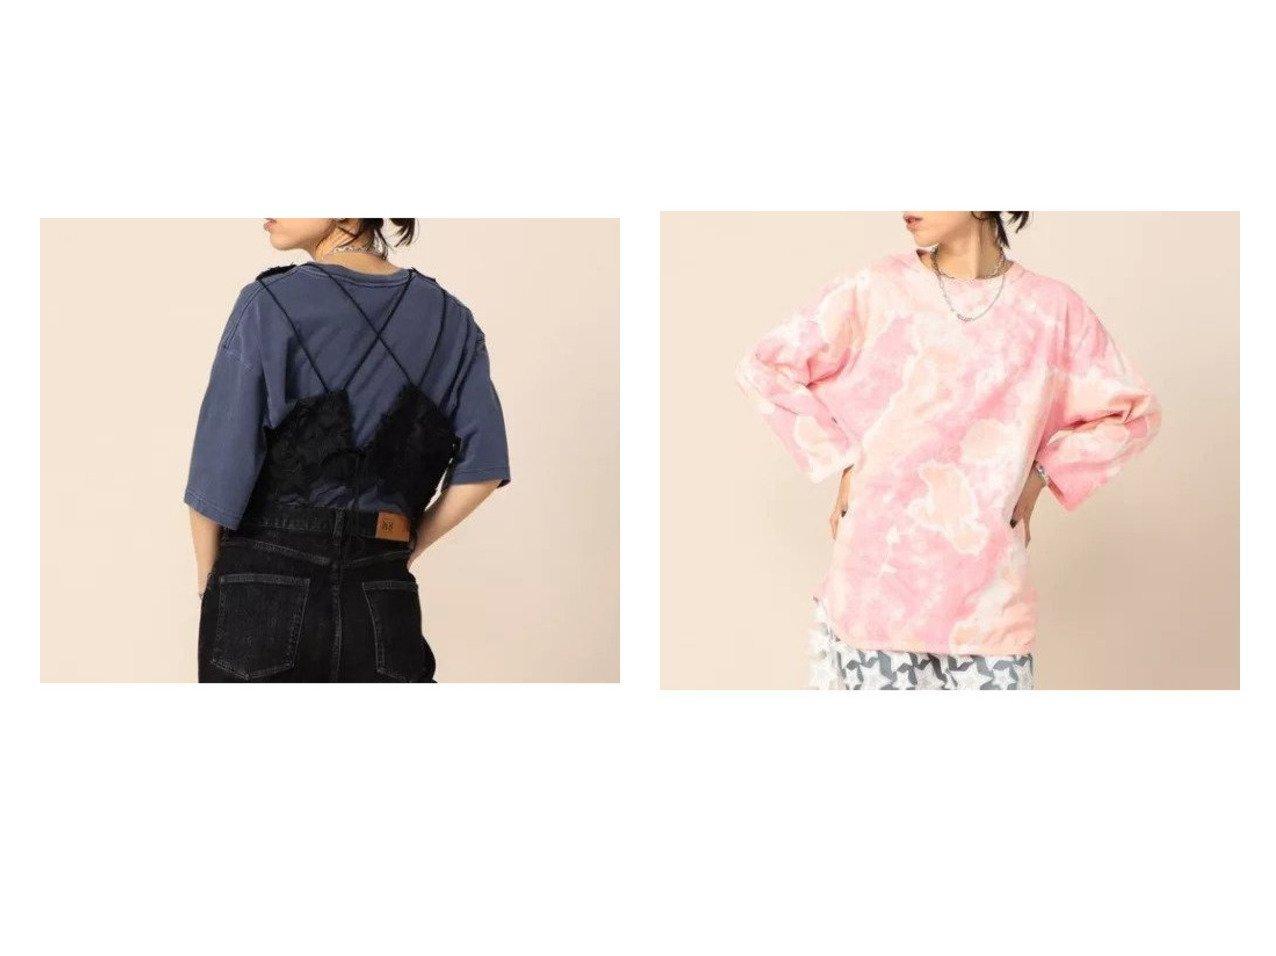 【Rie Miller/リエミラー】の星柄レースビスチェ&タイダイプリントベースボールTシャツ おすすめ!人気、トレンド・レディースファッションの通販  おすすめで人気の流行・トレンド、ファッションの通販商品 インテリア・家具・メンズファッション・キッズファッション・レディースファッション・服の通販 founy(ファニー) https://founy.com/ ファッション Fashion レディースファッション WOMEN トップス・カットソー Tops/Tshirt キャミソール / ノースリーブ No Sleeves シャツ/ブラウス Shirts/Blouses ビスチェ Bustier ロング / Tシャツ T-Shirts カットソー Cut and Sewn 2021年 2021 2021-2022秋冬・A/W AW・Autumn/Winter・FW・Fall-Winter・2021-2022 A/W・秋冬 AW・Autumn/Winter・FW・Fall-Winter おすすめ Recommend カットソー セットアップ ノースリーブ レース スリーブ ビンテージ プリント ラウンド 長袖  ID:crp329100000062836